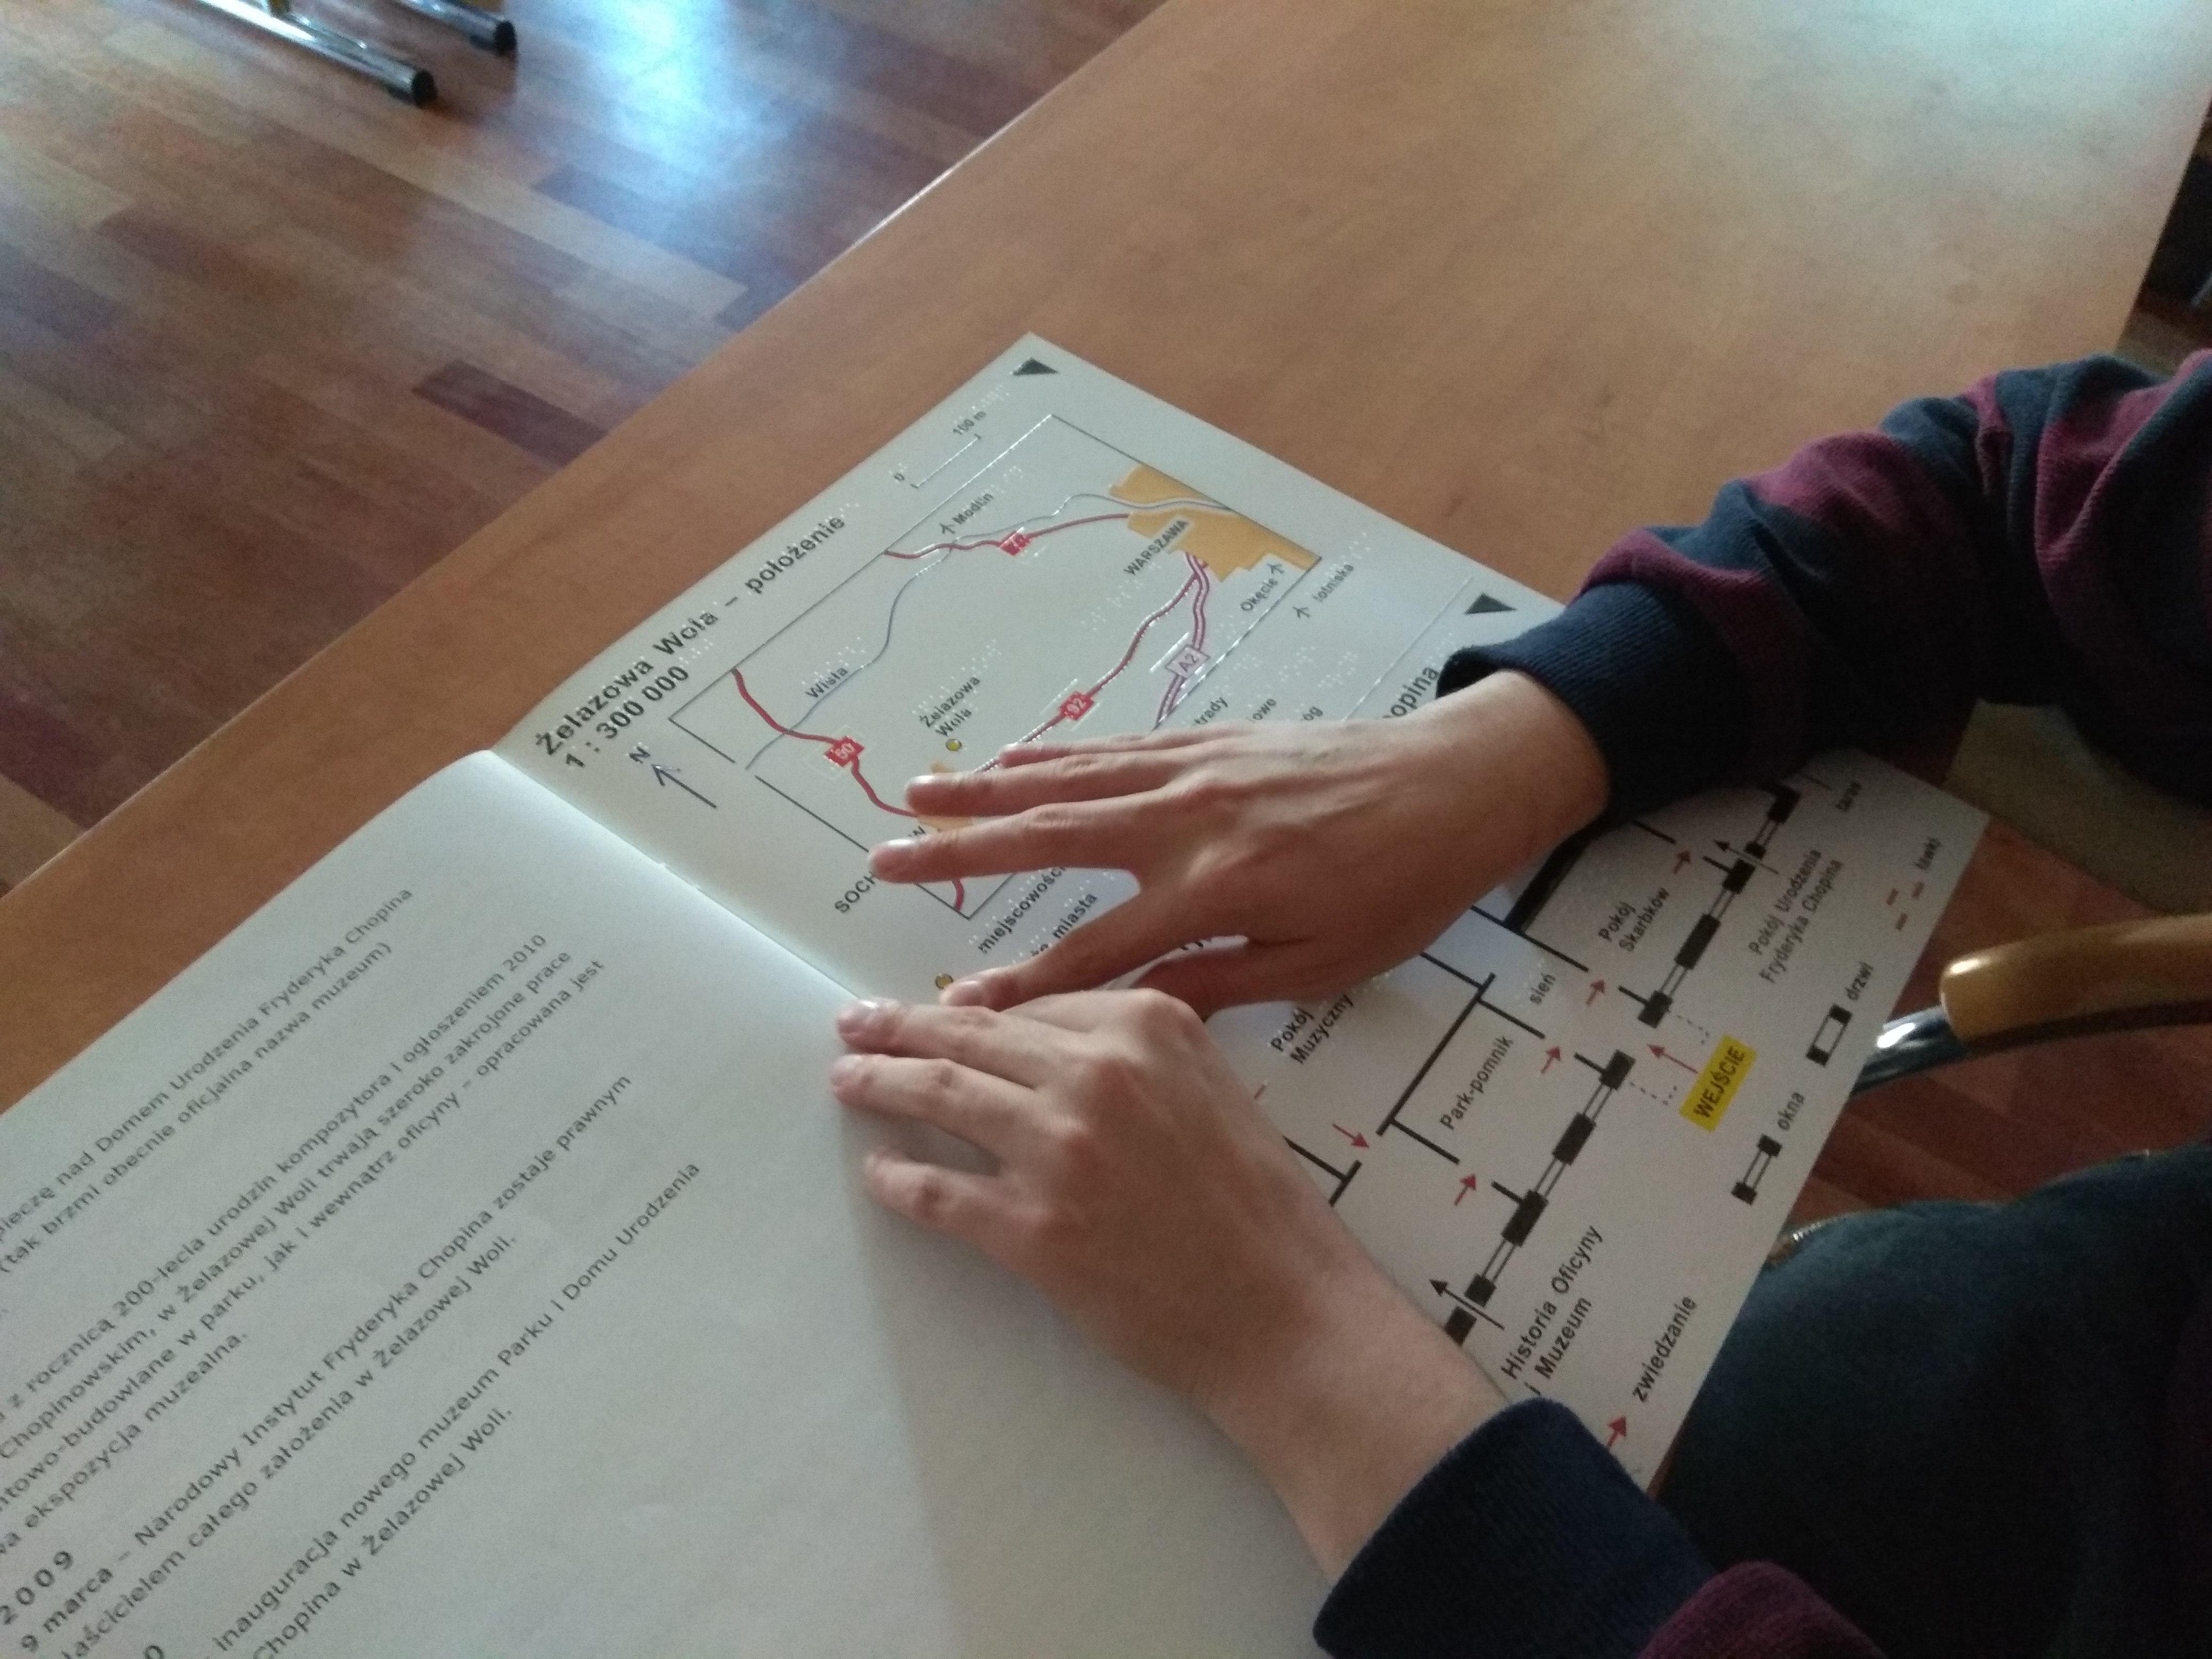 Osoba czytająca dotykiem publikację Żelazowa Wola Miejsce urodzenia Fryderyka Chopina, widoczne dłonie z czarnymi rękawami, wodzące palcami po mapie barwno-wypukłej.